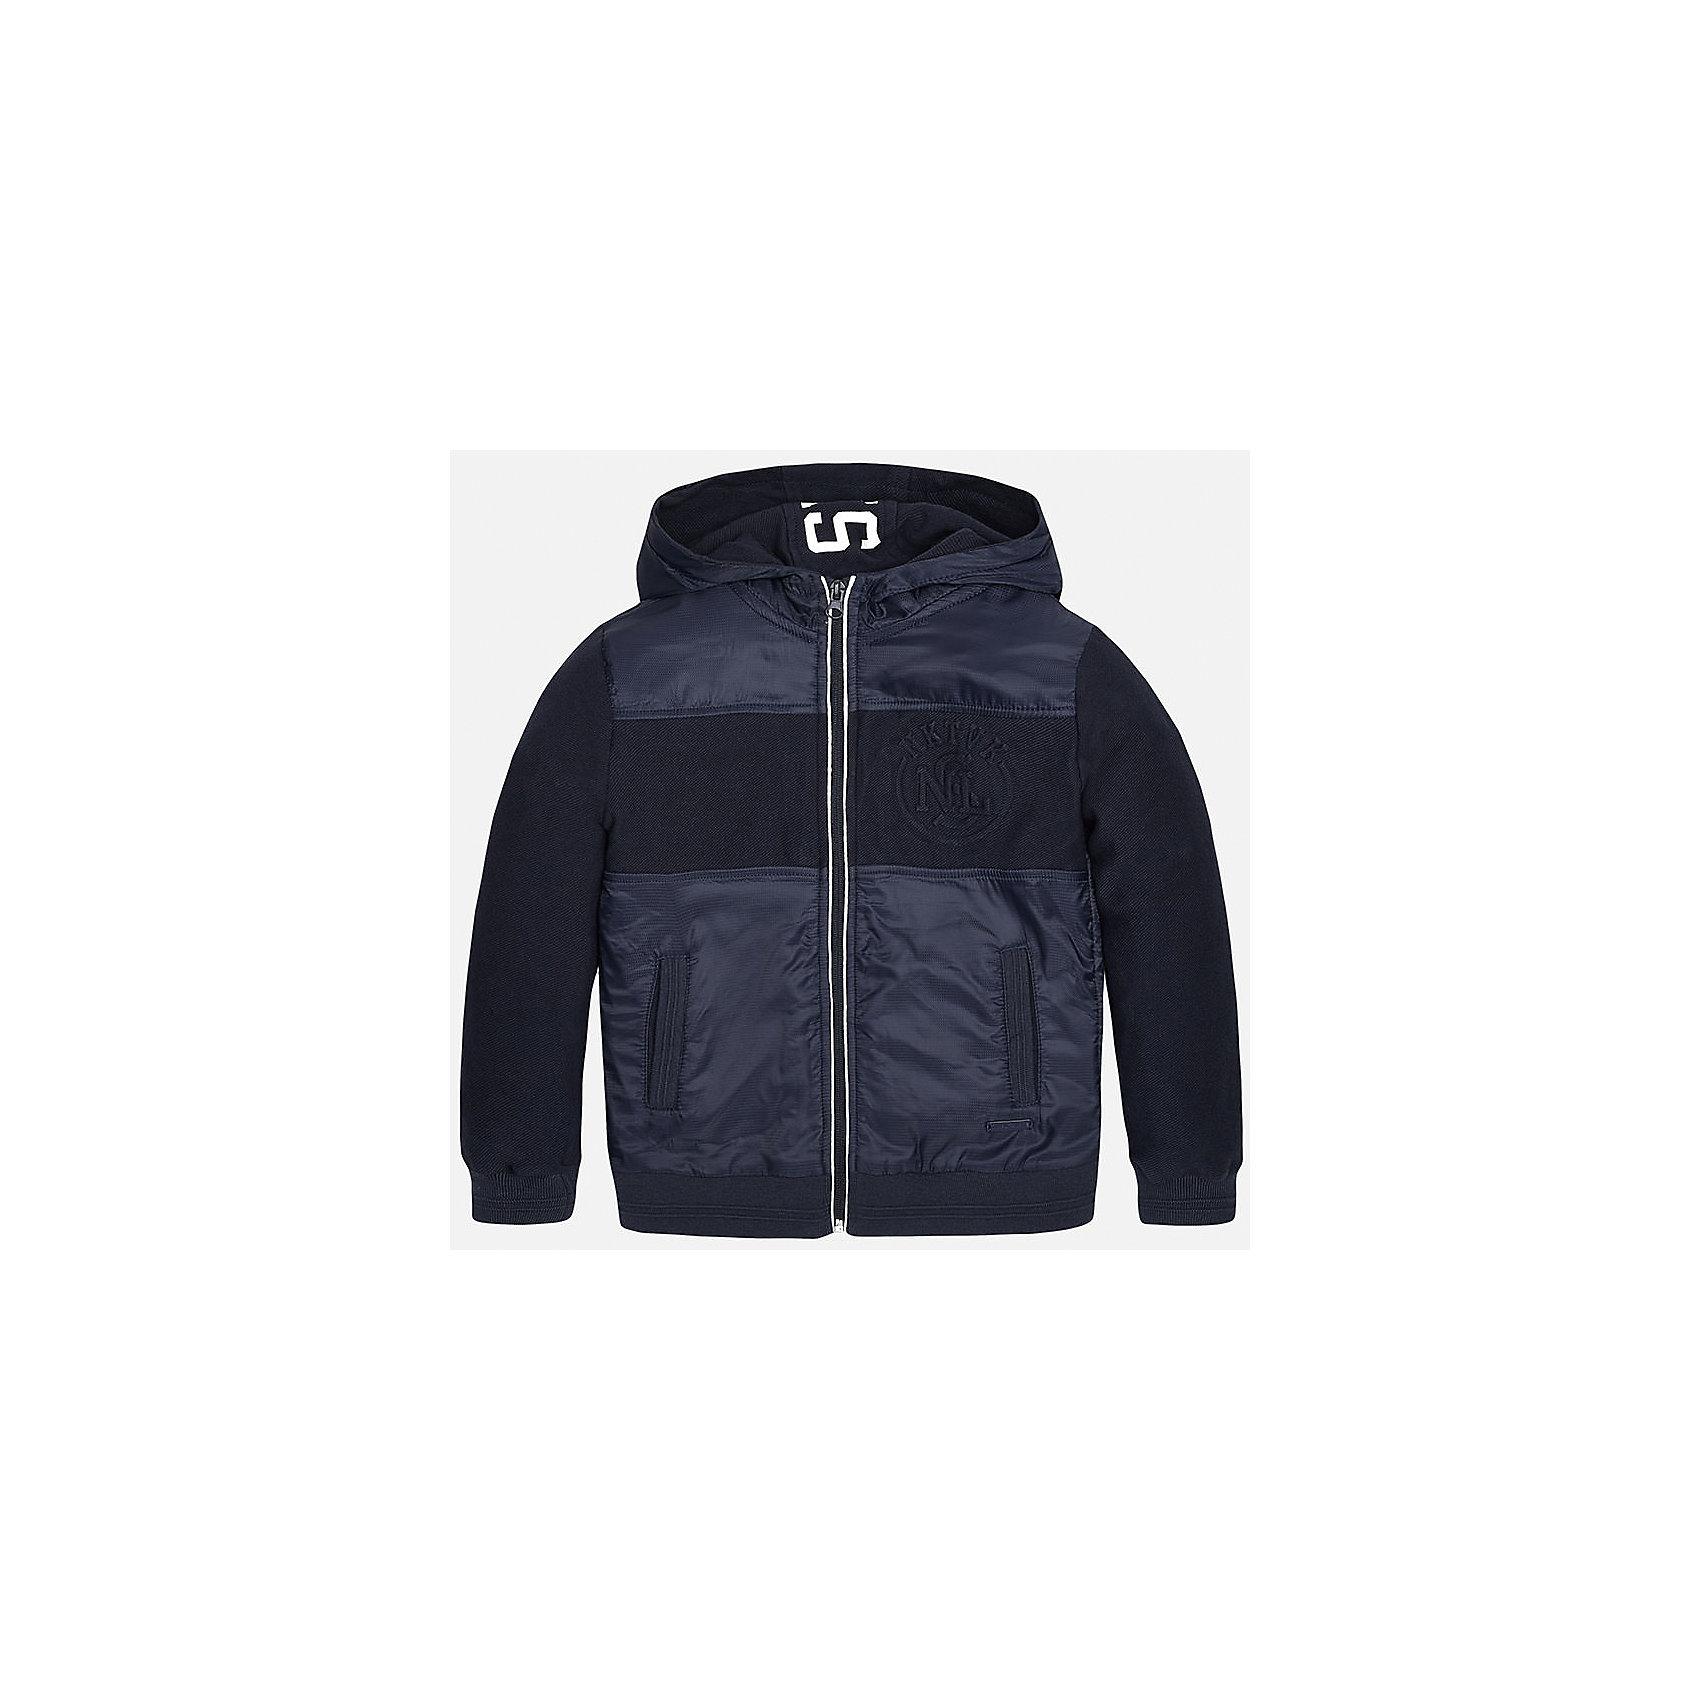 Куртка для мальчика MayoralХарактеристики товара:<br><br>• цвет: синий<br>• состав: 65% полиамид, 20% хлопок, 15% полиэстер, подкладка - 100% полиэстер<br>• температурный режим: от +15°до +10°С<br>• капюшон<br>• карманы<br>• застежка: молния<br>• вышивка<br>• страна бренда: Испания<br><br>Модная куртка для мальчика может стать базовой вещью в гардеробе ребенка. Она отлично сочетается с майками, футболками, рубашками и т.д. Универсальный крой и цвет позволяет подобрать к вещи низ разных расцветок. Практичное и стильное изделие! В составе материала - натуральный хлопок, гипоаллергенный, приятный на ощупь, дышащий.<br><br>Одежда, обувь и аксессуары от испанского бренда Mayoral полюбились детям и взрослым по всему миру. Модели этой марки - стильные и удобные. Для их производства используются только безопасные, качественные материалы и фурнитура. Порадуйте ребенка модными и красивыми вещами от Mayoral! <br><br>Куртку для мальчика от испанского бренда Mayoral (Майорал) можно купить в нашем интернет-магазине.<br><br>Ширина мм: 356<br>Глубина мм: 10<br>Высота мм: 245<br>Вес г: 519<br>Цвет: синий<br>Возраст от месяцев: 84<br>Возраст до месяцев: 96<br>Пол: Мужской<br>Возраст: Детский<br>Размер: 128/134,170,164,158,152,140<br>SKU: 5281961